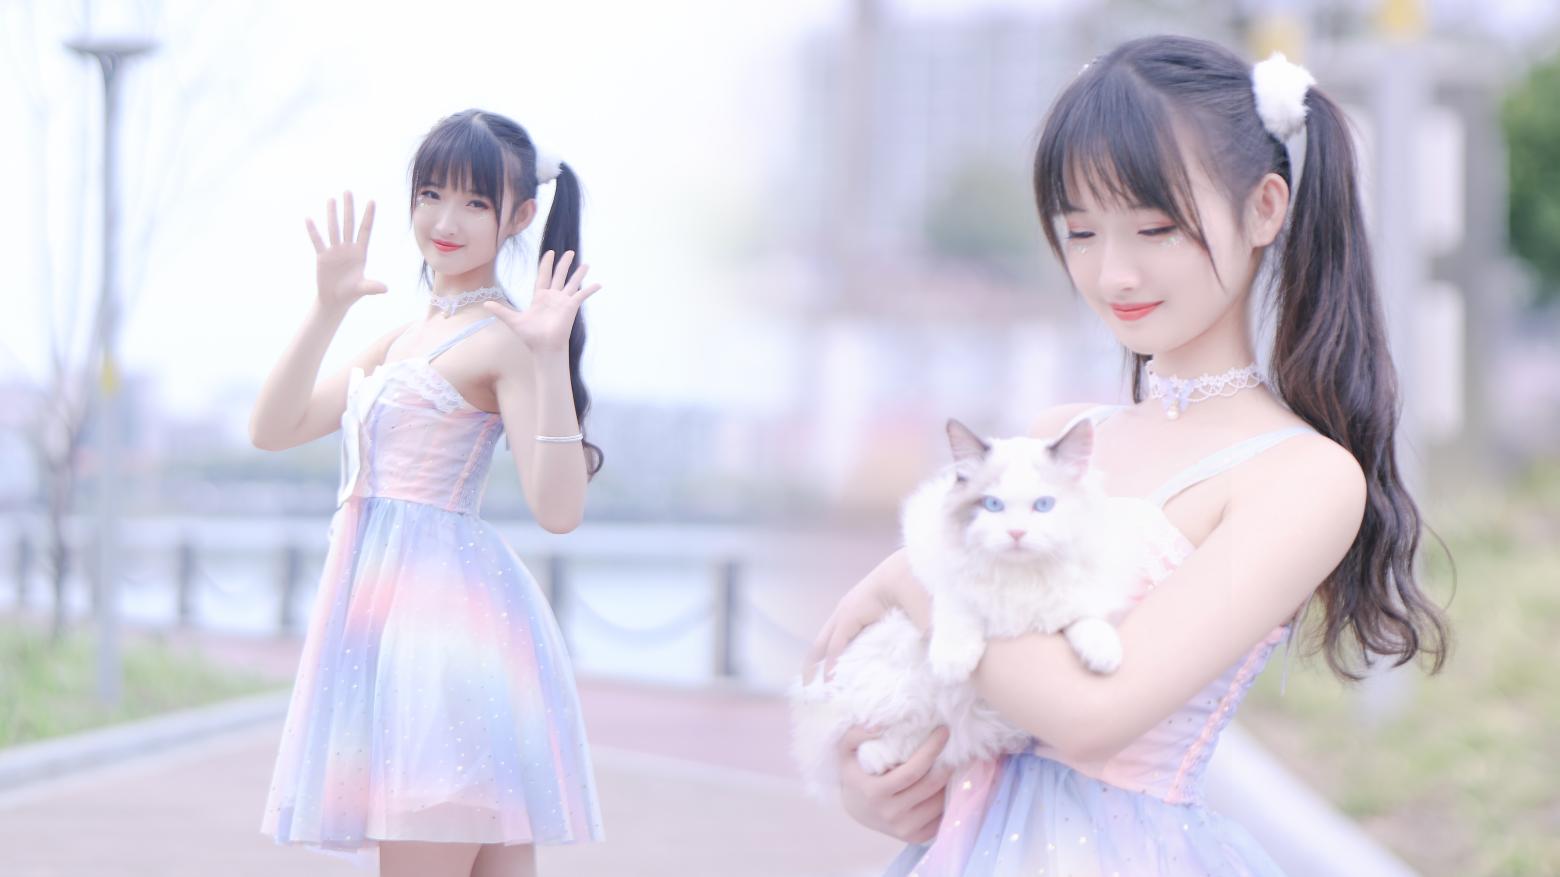 【阿晢】二次元广场舞♡彩虹节拍